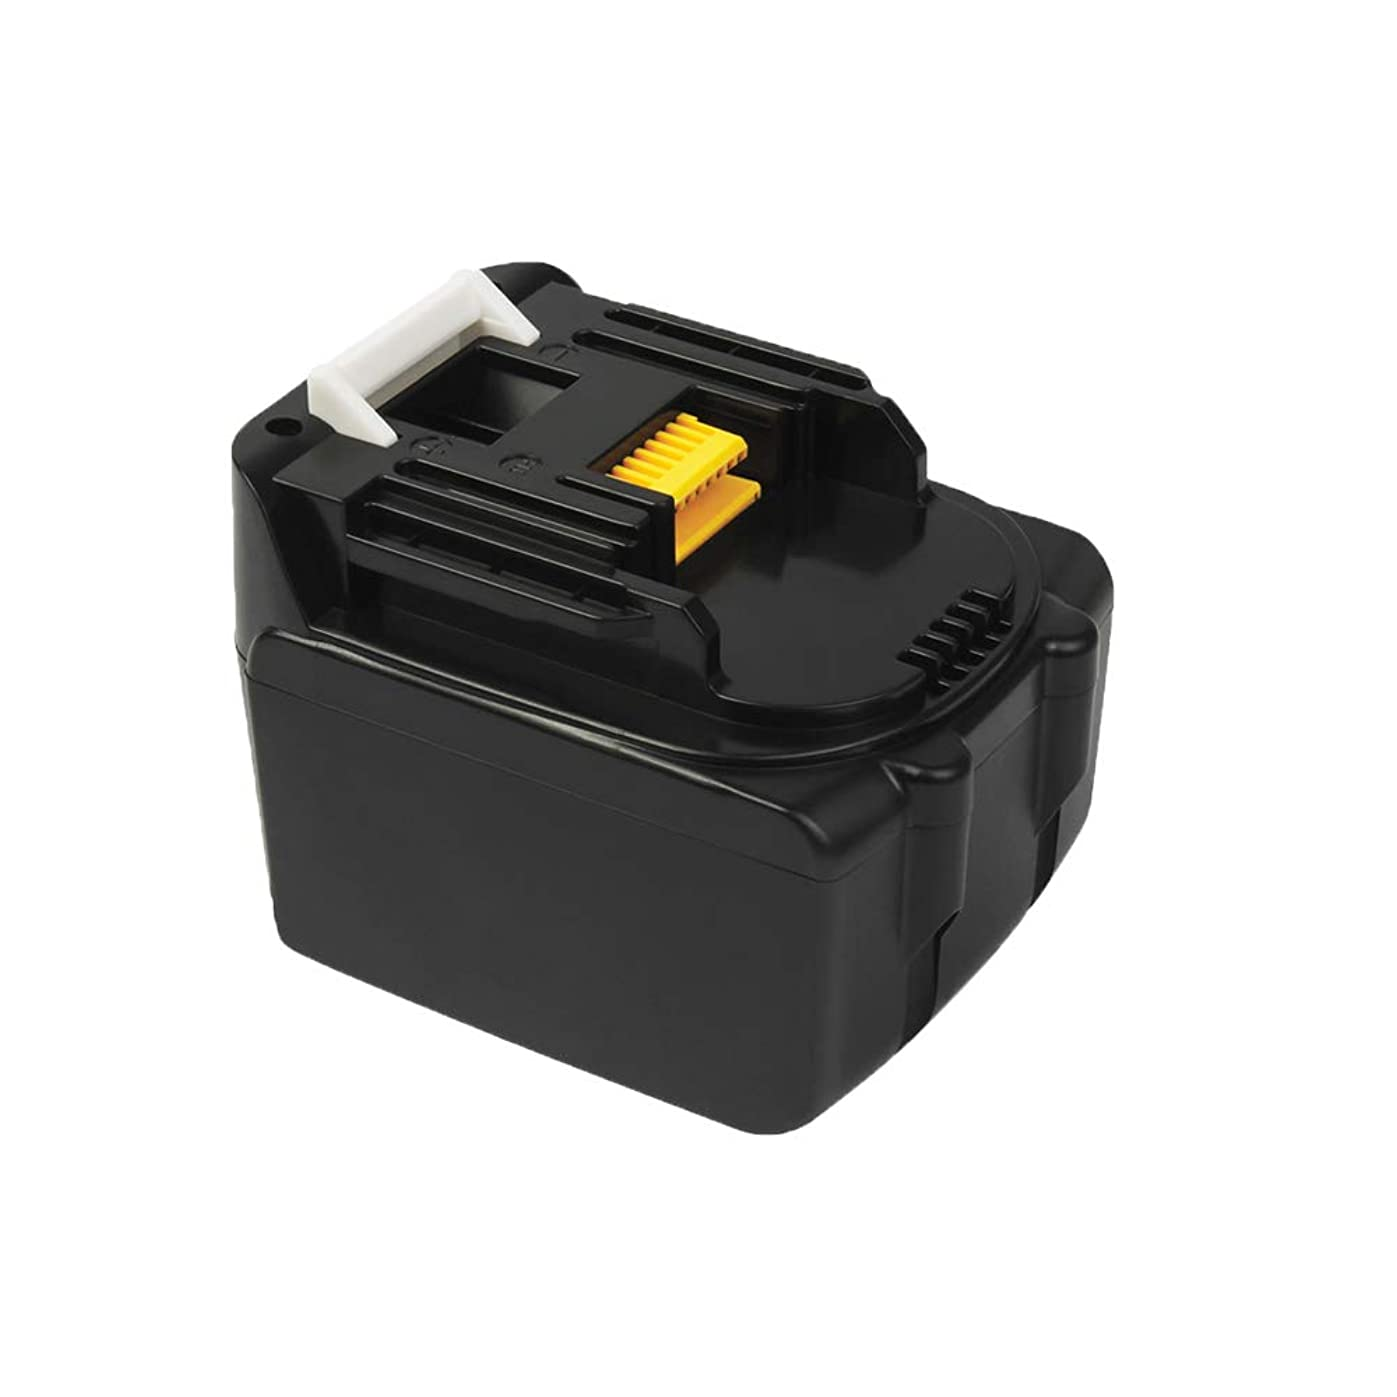 マオリすることになっている驚き【THiSS】マキタ/makita BL1460 14.4 v バッテリー 6.0Ah 交換バッテリーBL1460B BL1450 BL1440 BL1430 に対応 電動工具用 リチウムイオンバッテリー 1年安心の品質保証付き